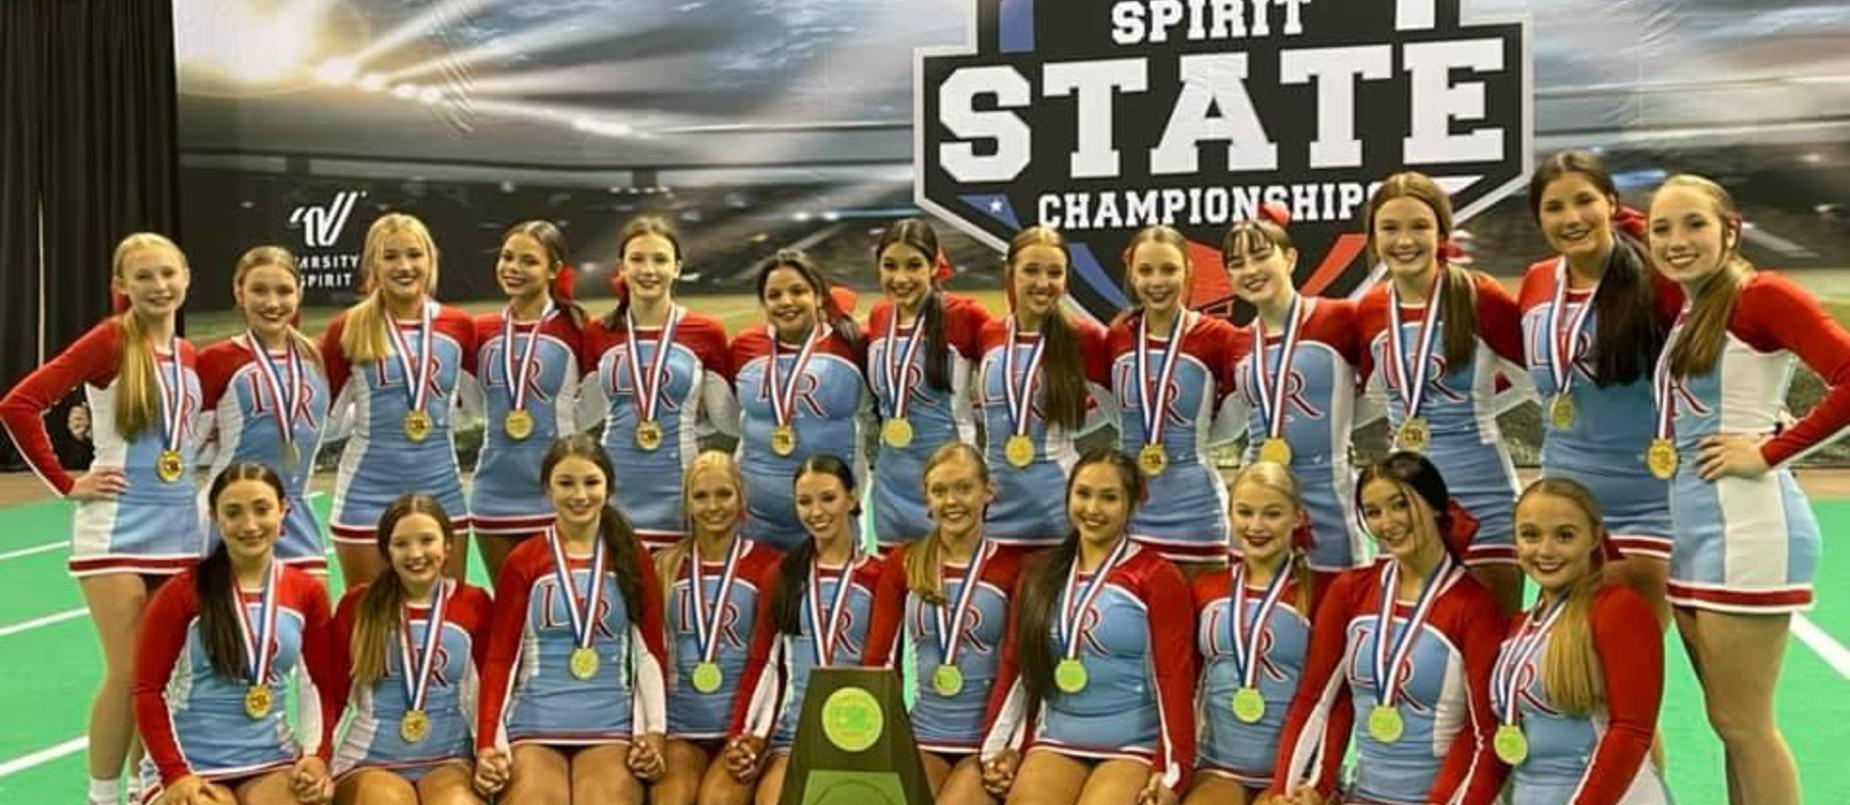 Lumberton High School Cheerleaders State Champions